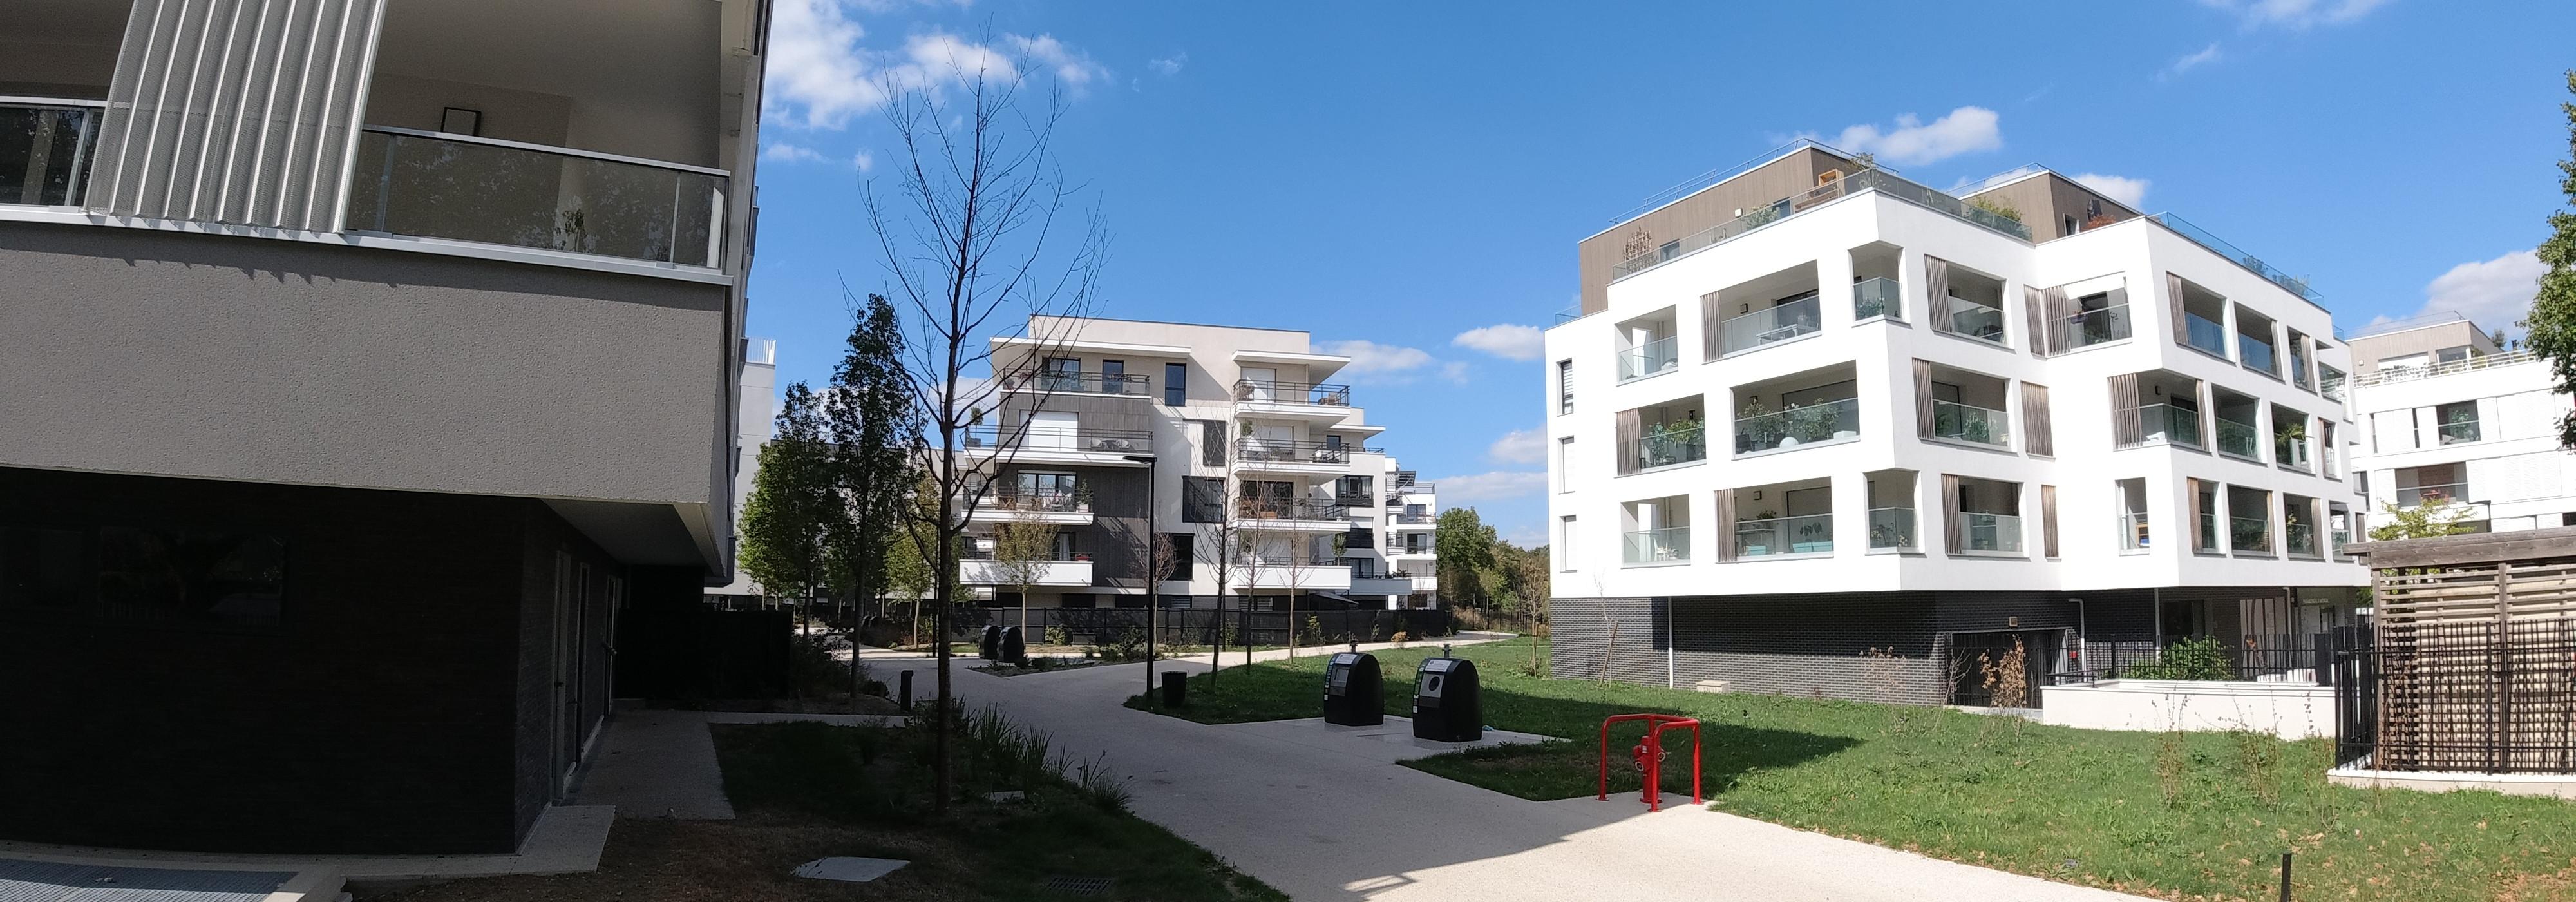 Antony, 5 pièces de 92m2 terrasse de 70m2 avec 3 parking sous sol , RER B Antony